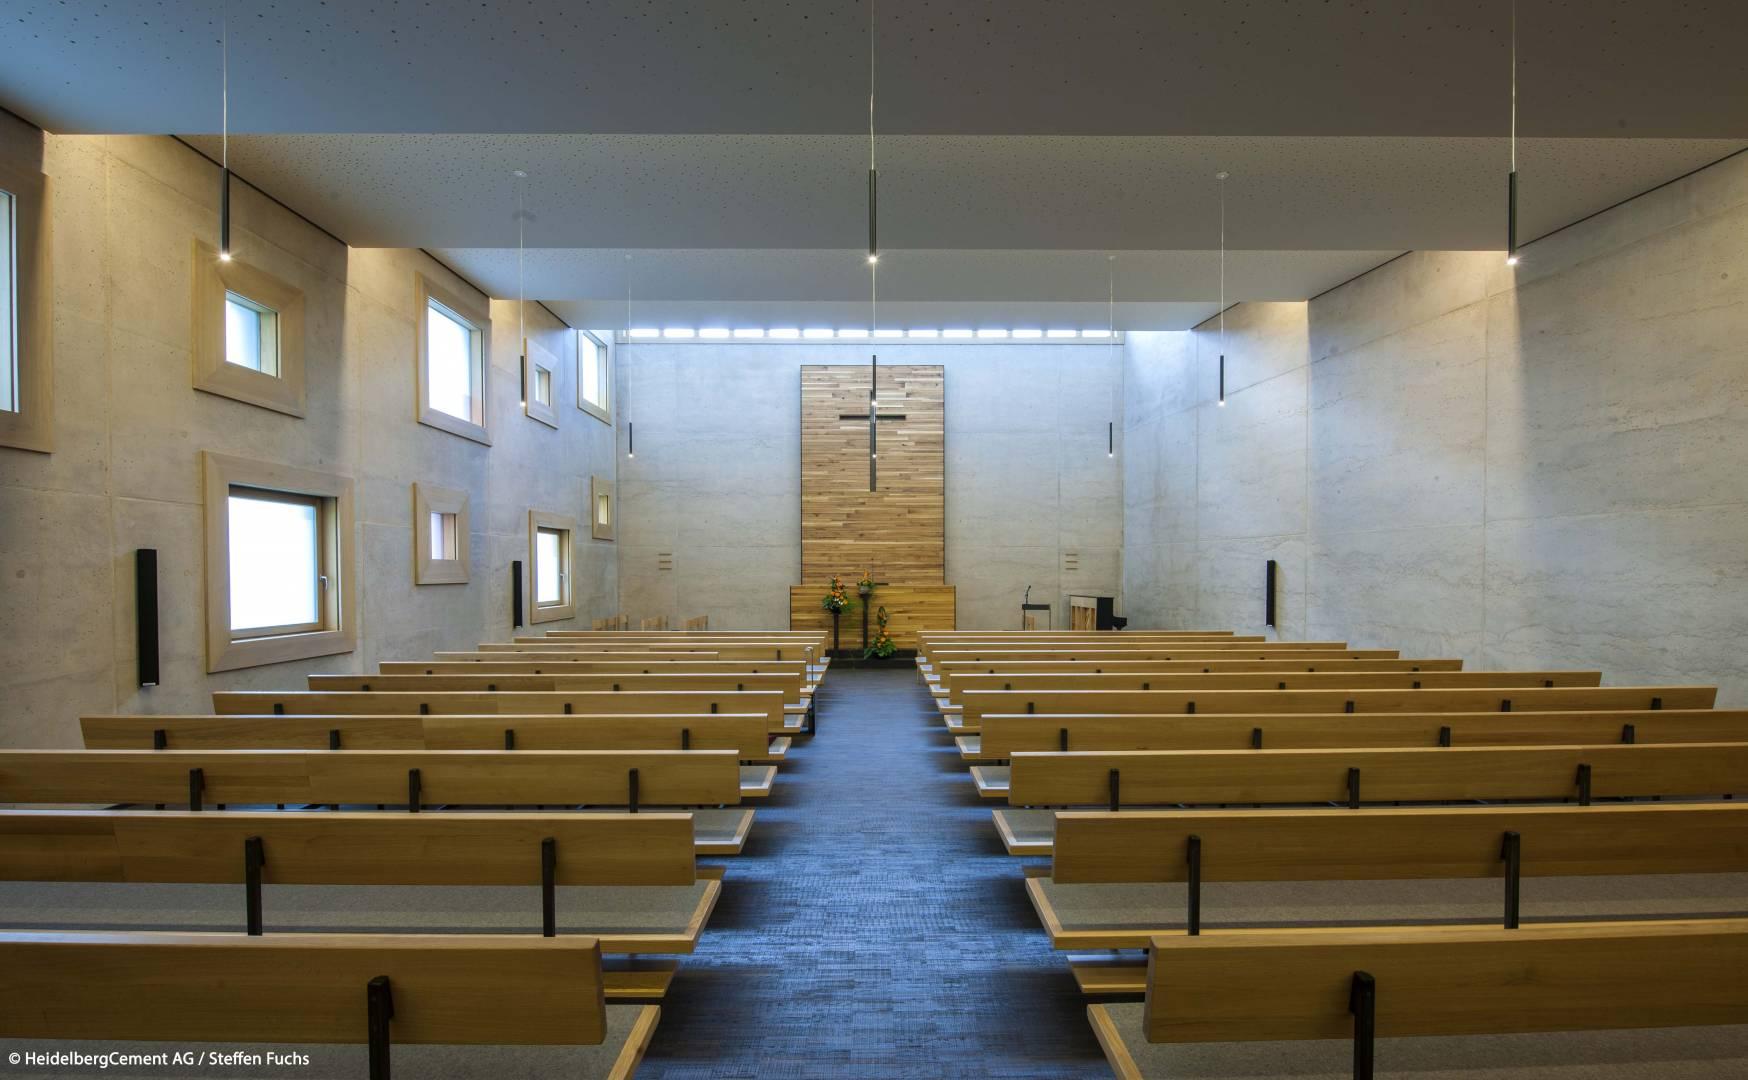 Ausgesuchte Materialien wie Eichenholz, Glas und Stahl fügen sich zum Sichtbeton. Bildquelle: HeidelbergCement AG / Steffen Fuchs